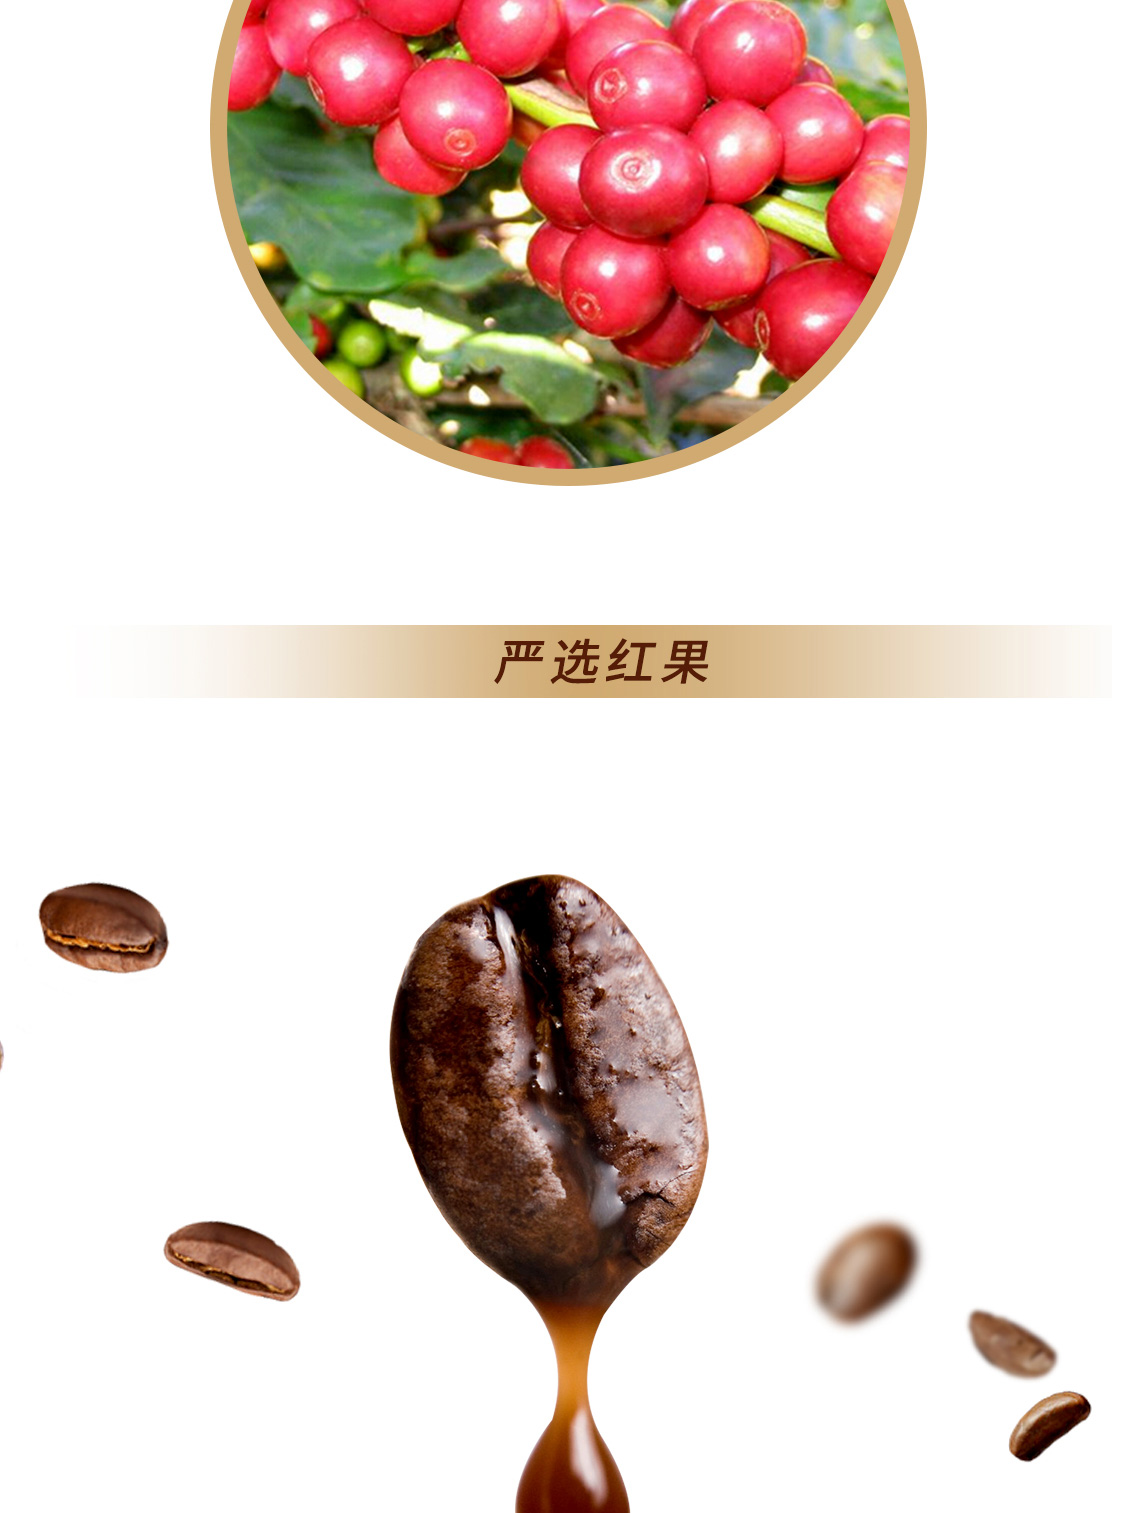 原味速溶咖啡小盒装_08.jpg